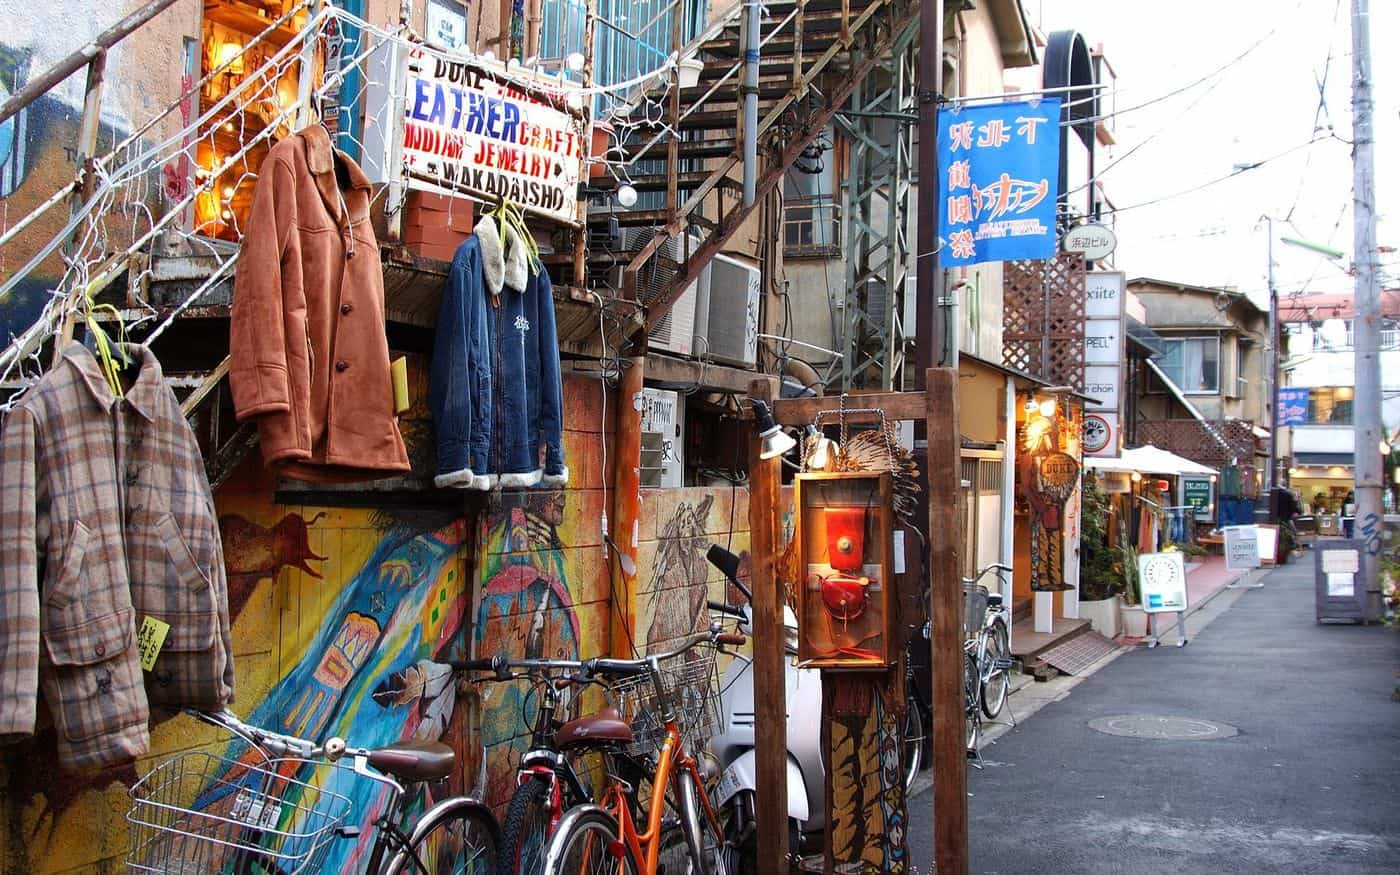 ร้านรวงในย่านชิโมะคิตาซาวะ (Shimokitazawa)